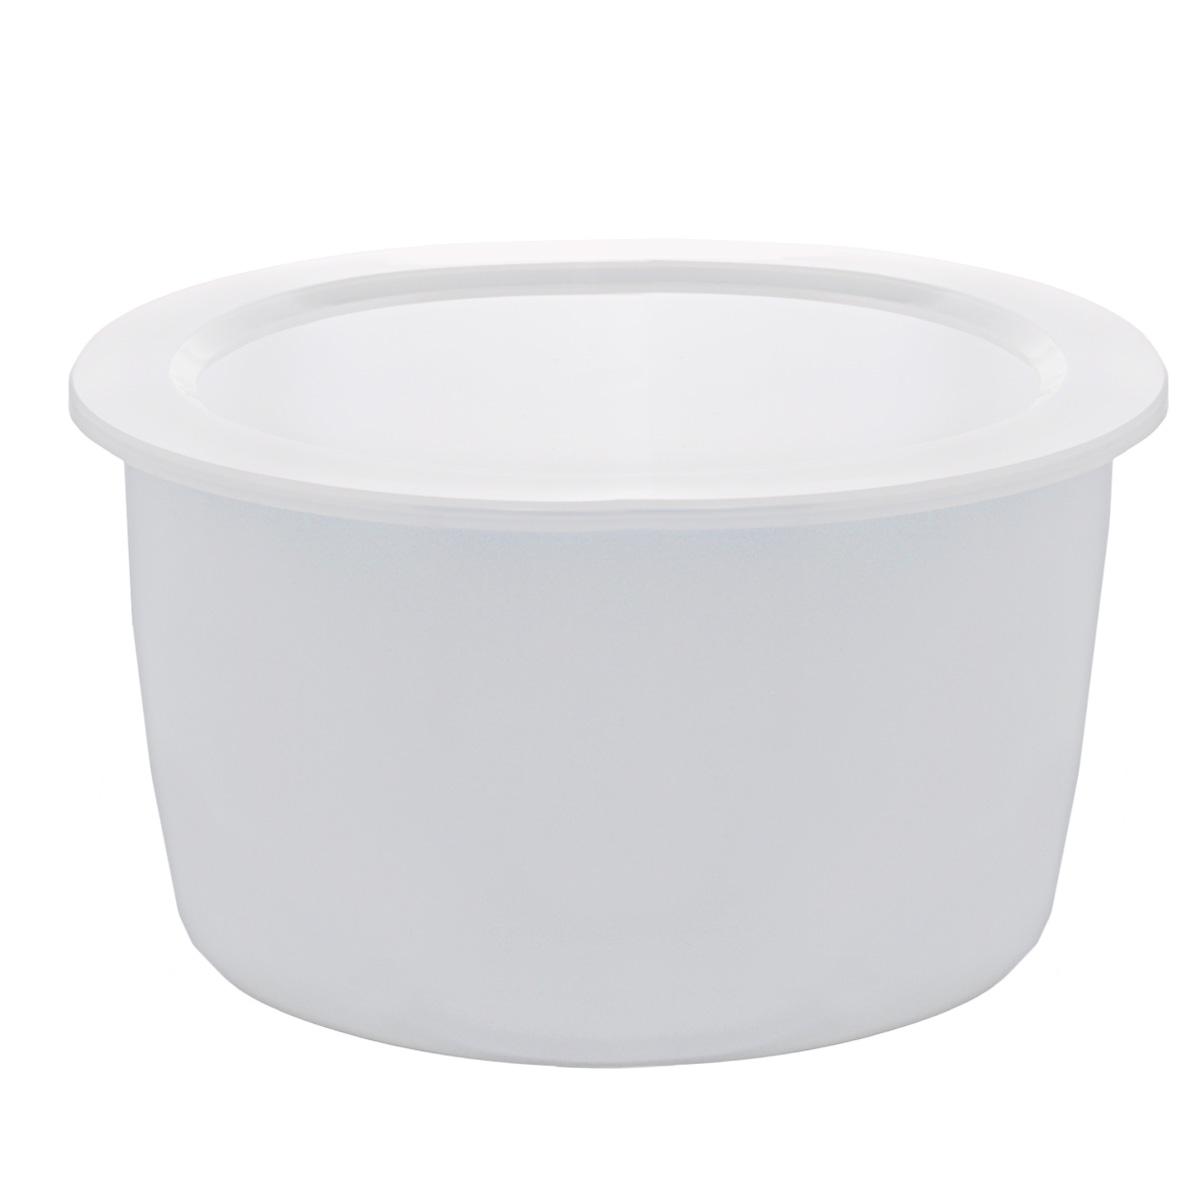 Steba AS 4 сменная чаша для мультиварки DD1/2 steba dd2 basic